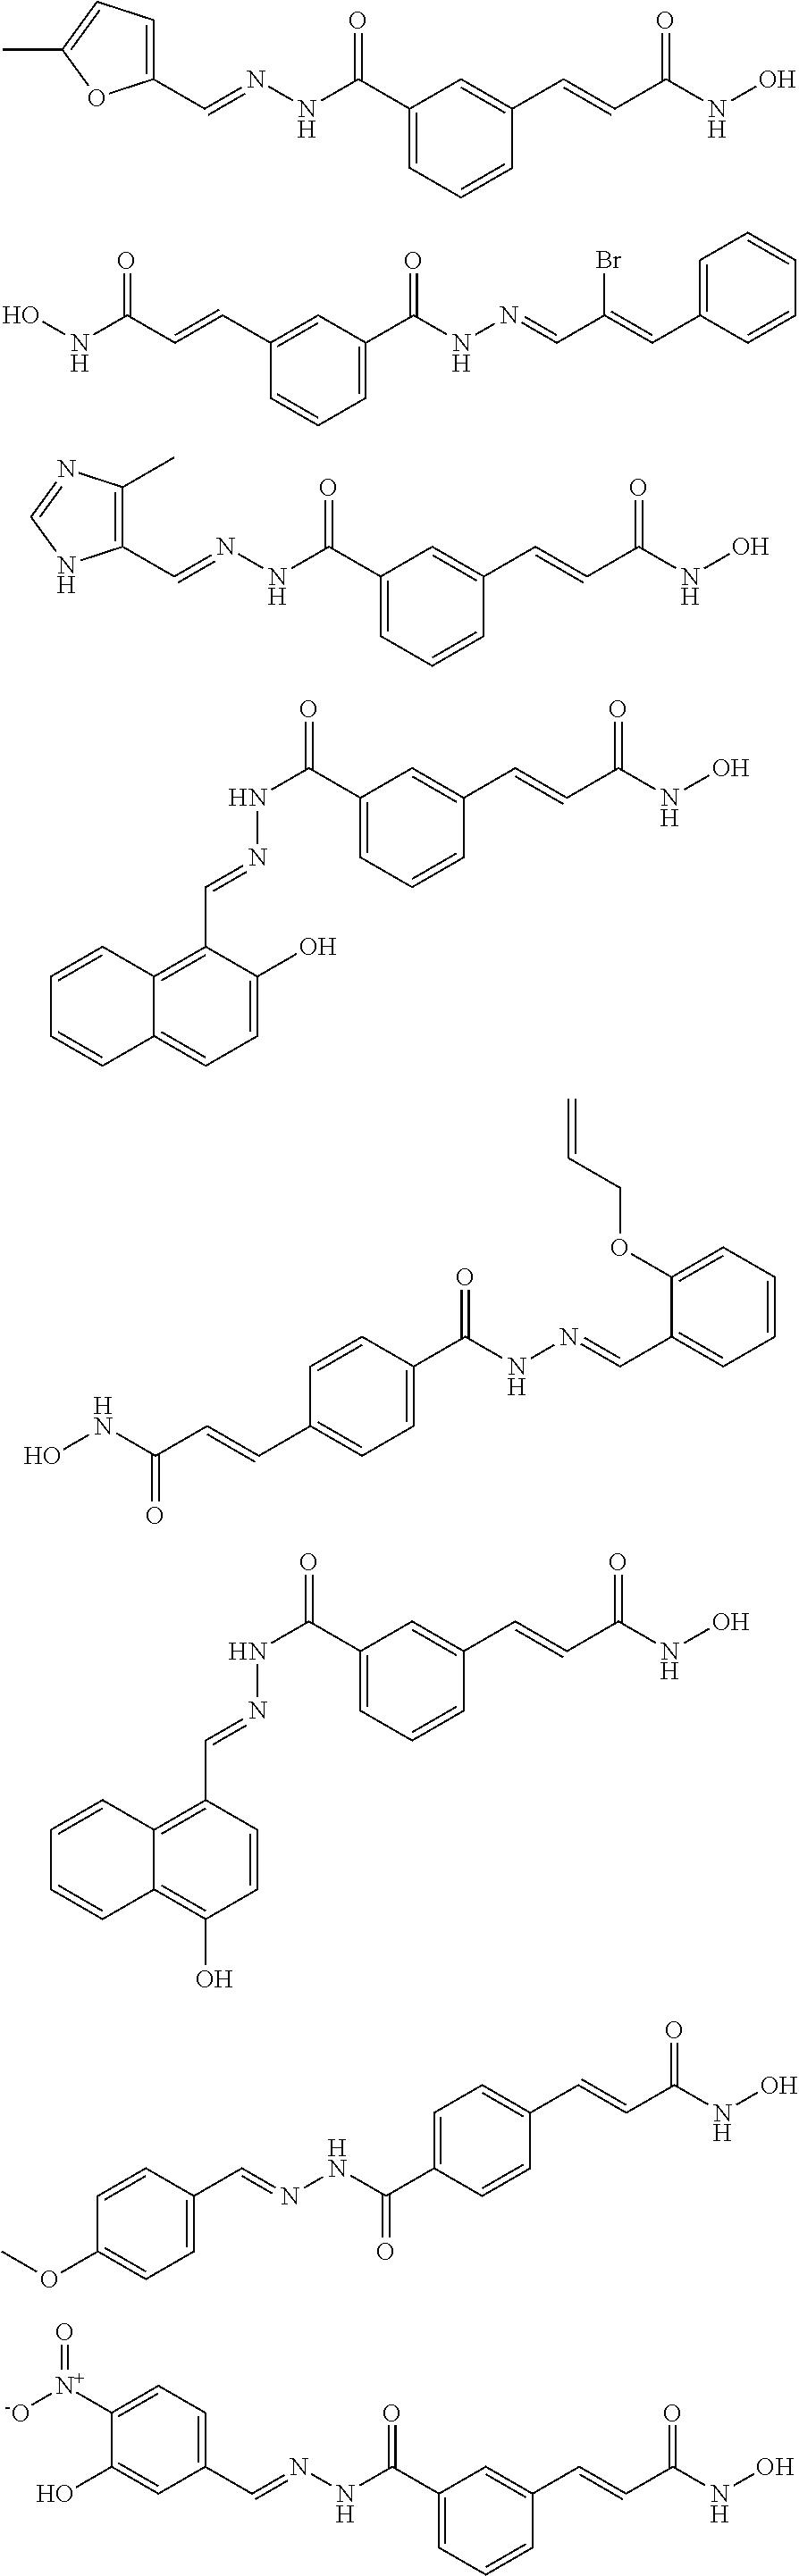 Figure US09540317-20170110-C00060